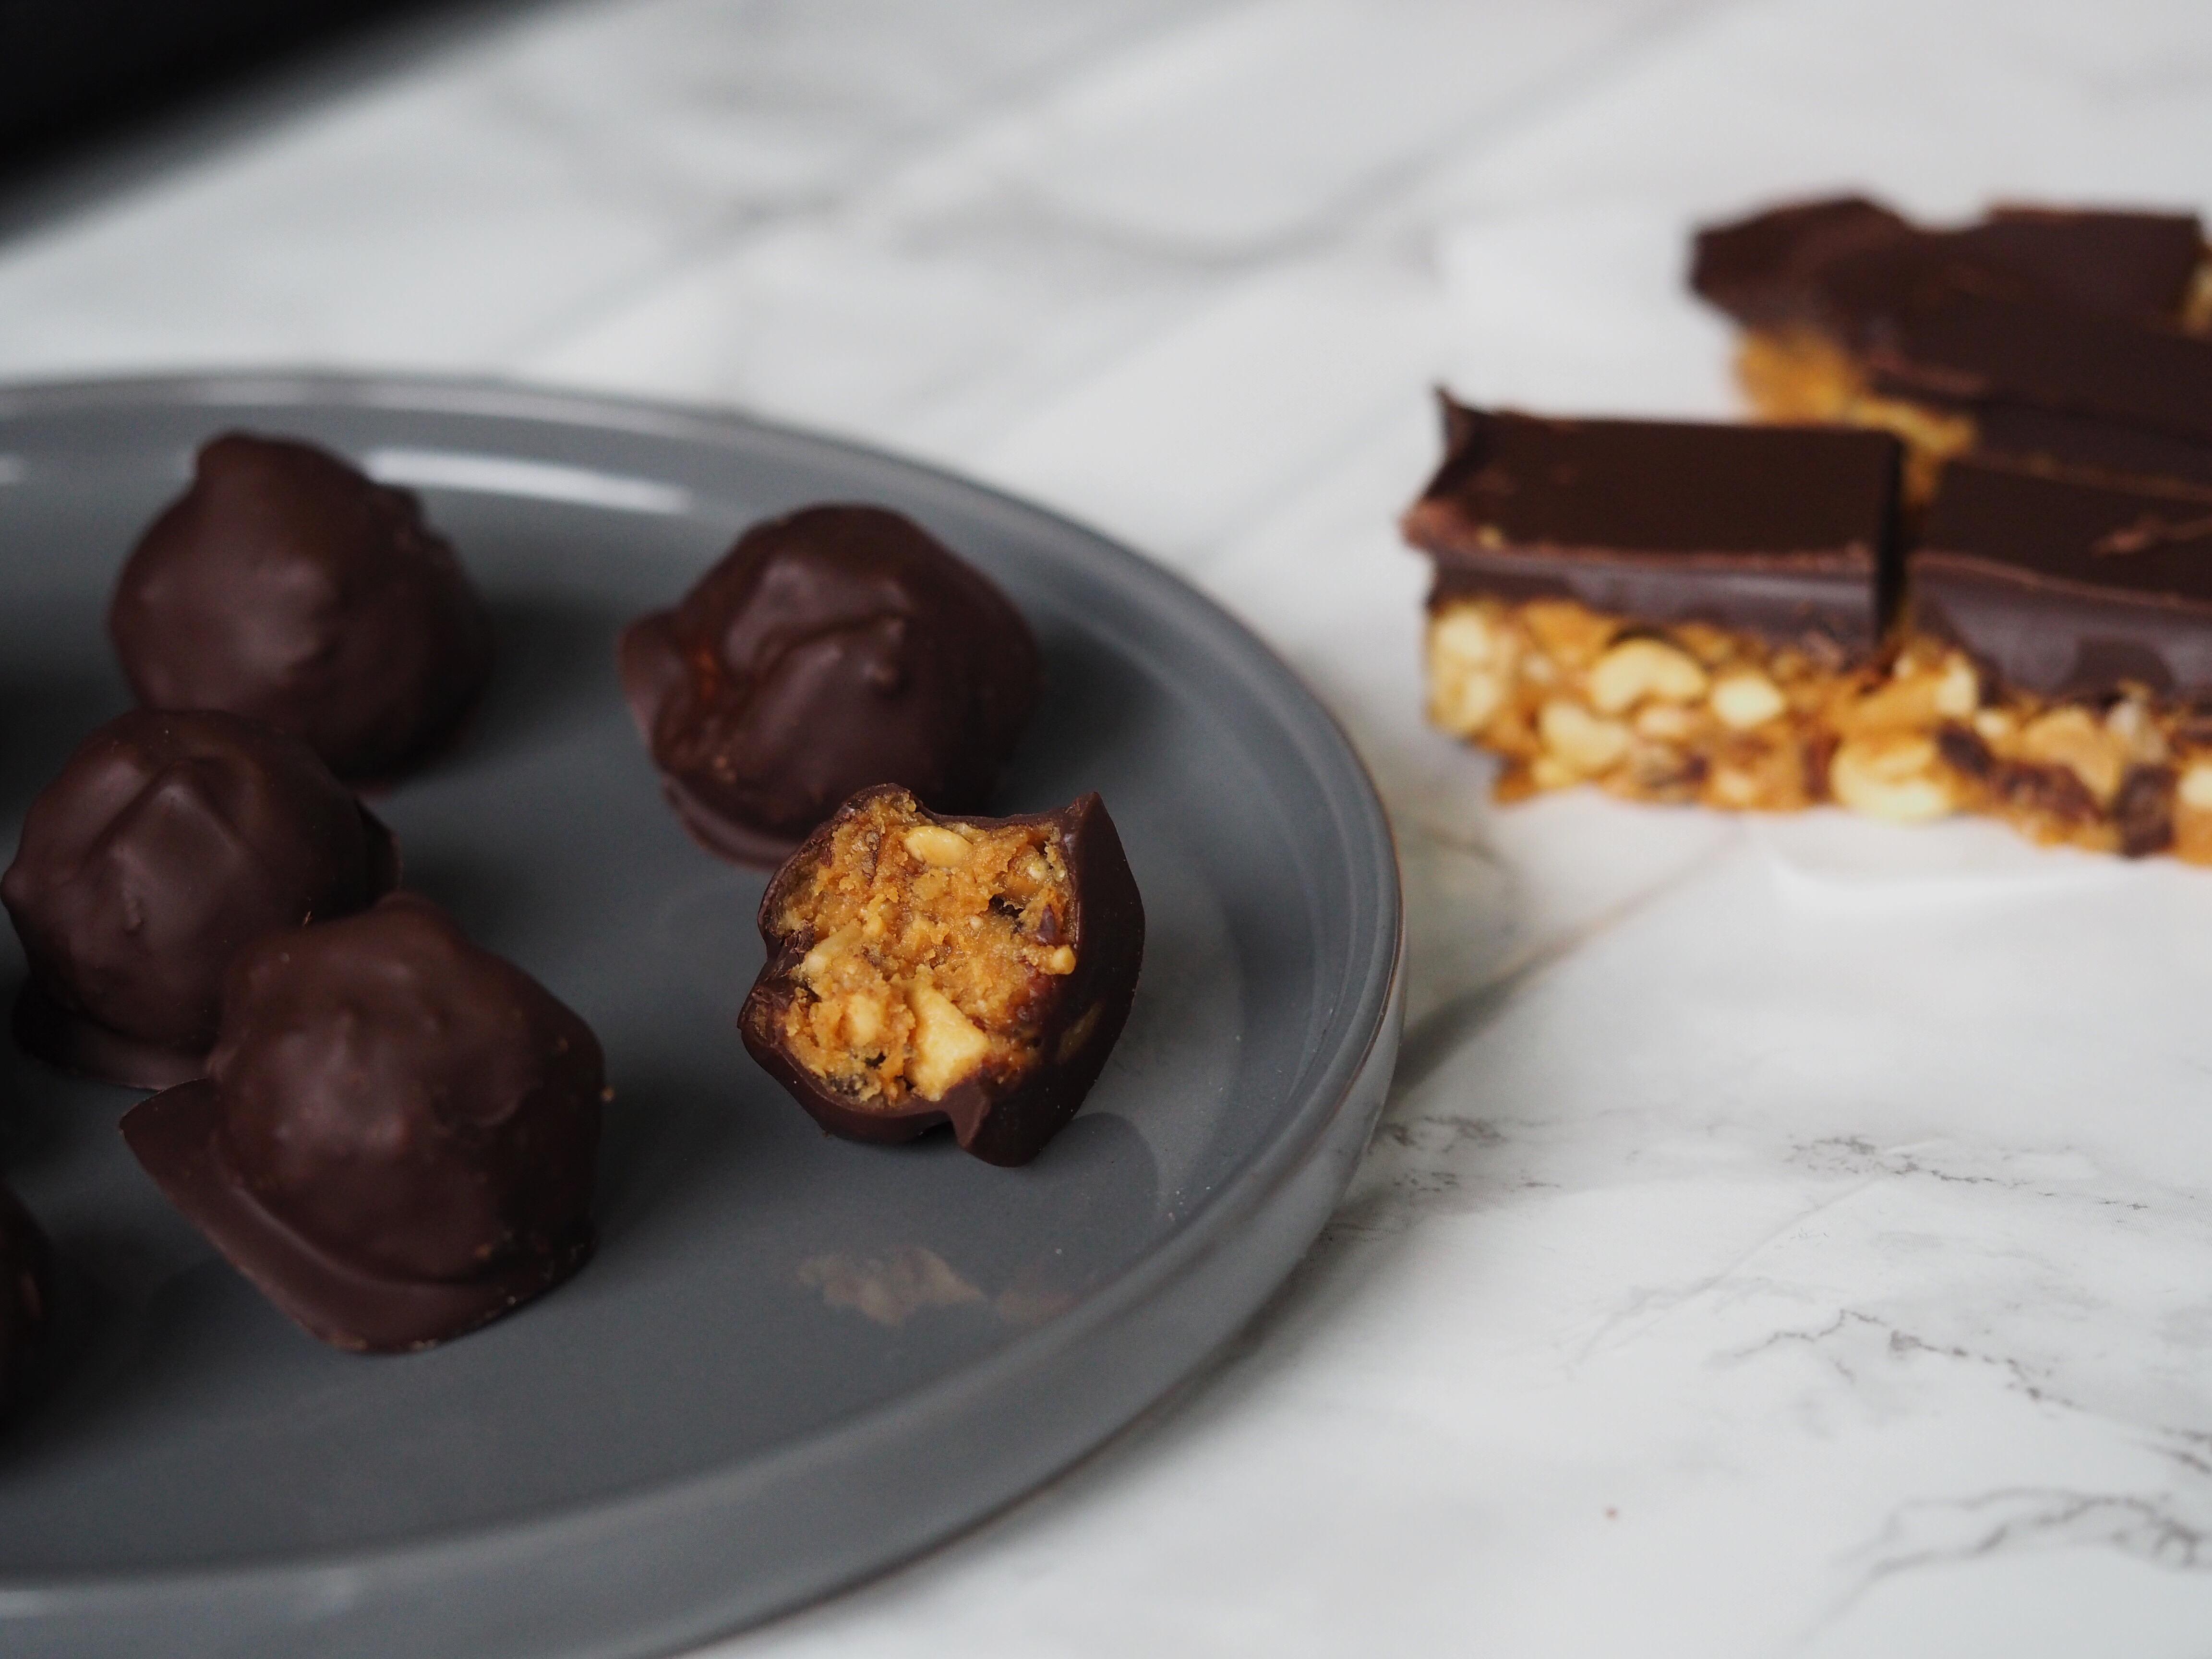 Lækre Sundere Sundhedsforbedrede Ernæringsforbedrede Snickers Bites Peanutbutter Mørk Chokolade Dadler Peanuts Opskrift Blog Blogging